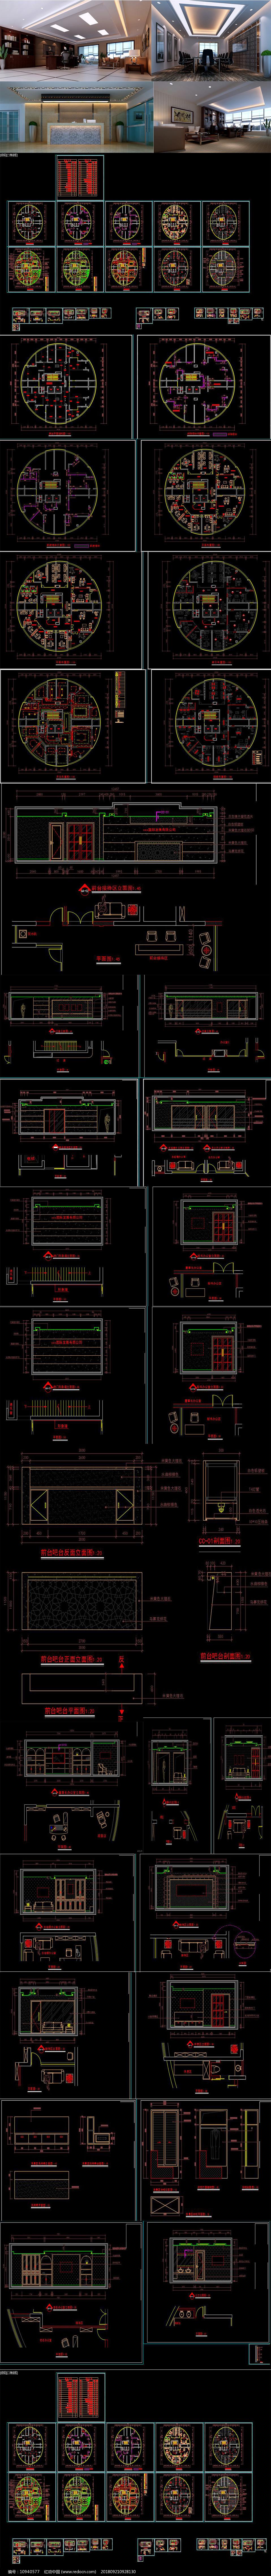 全套时尚办公室CAD施工图 效果图图片